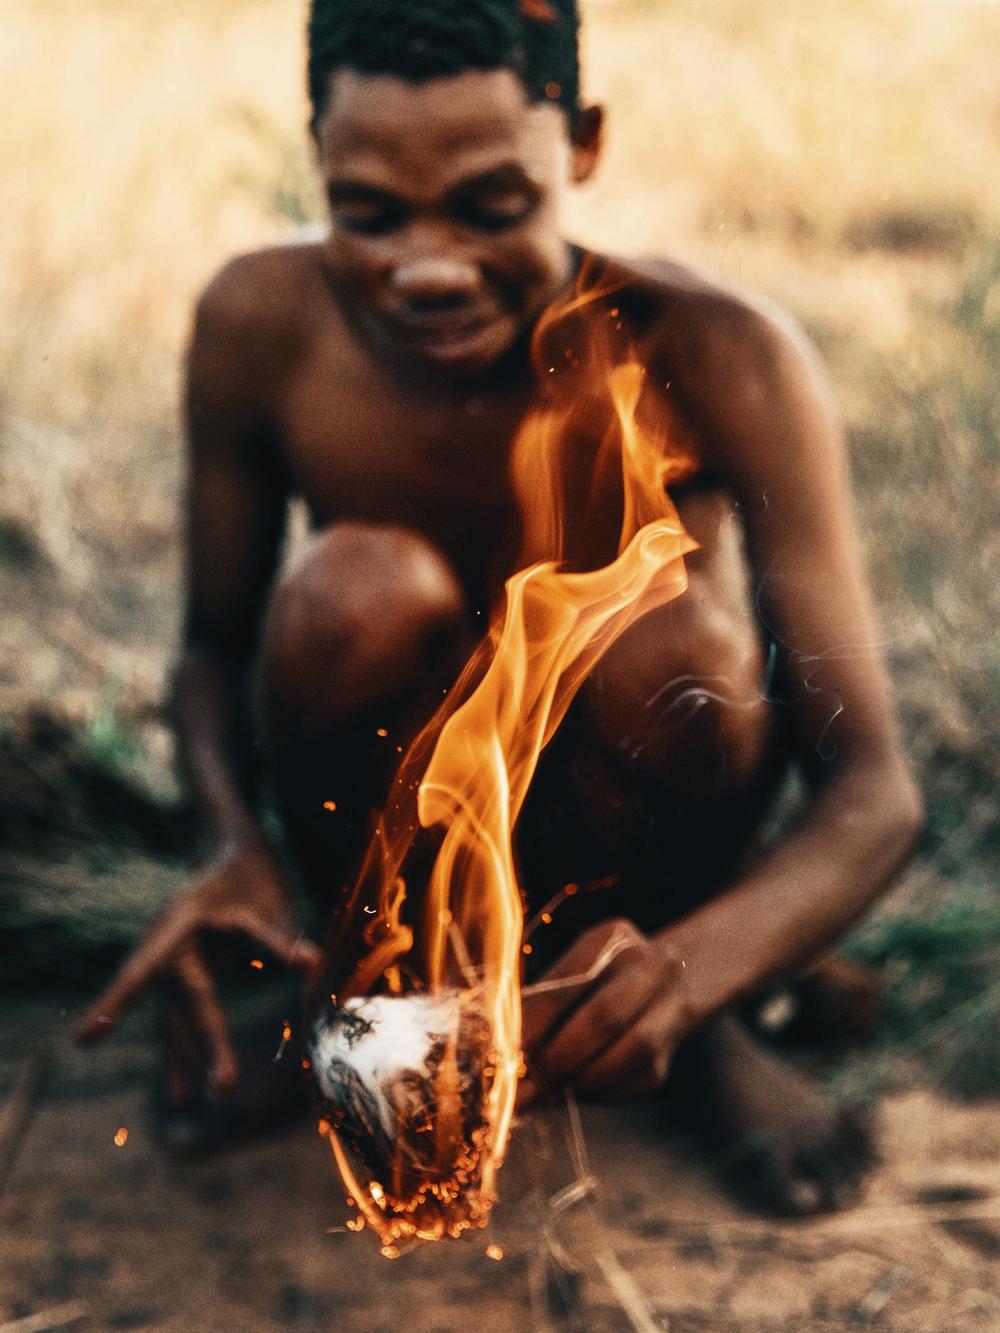 CallieGiovanna_Africa_Botswana_Kalahari_20150101_03134.jpg